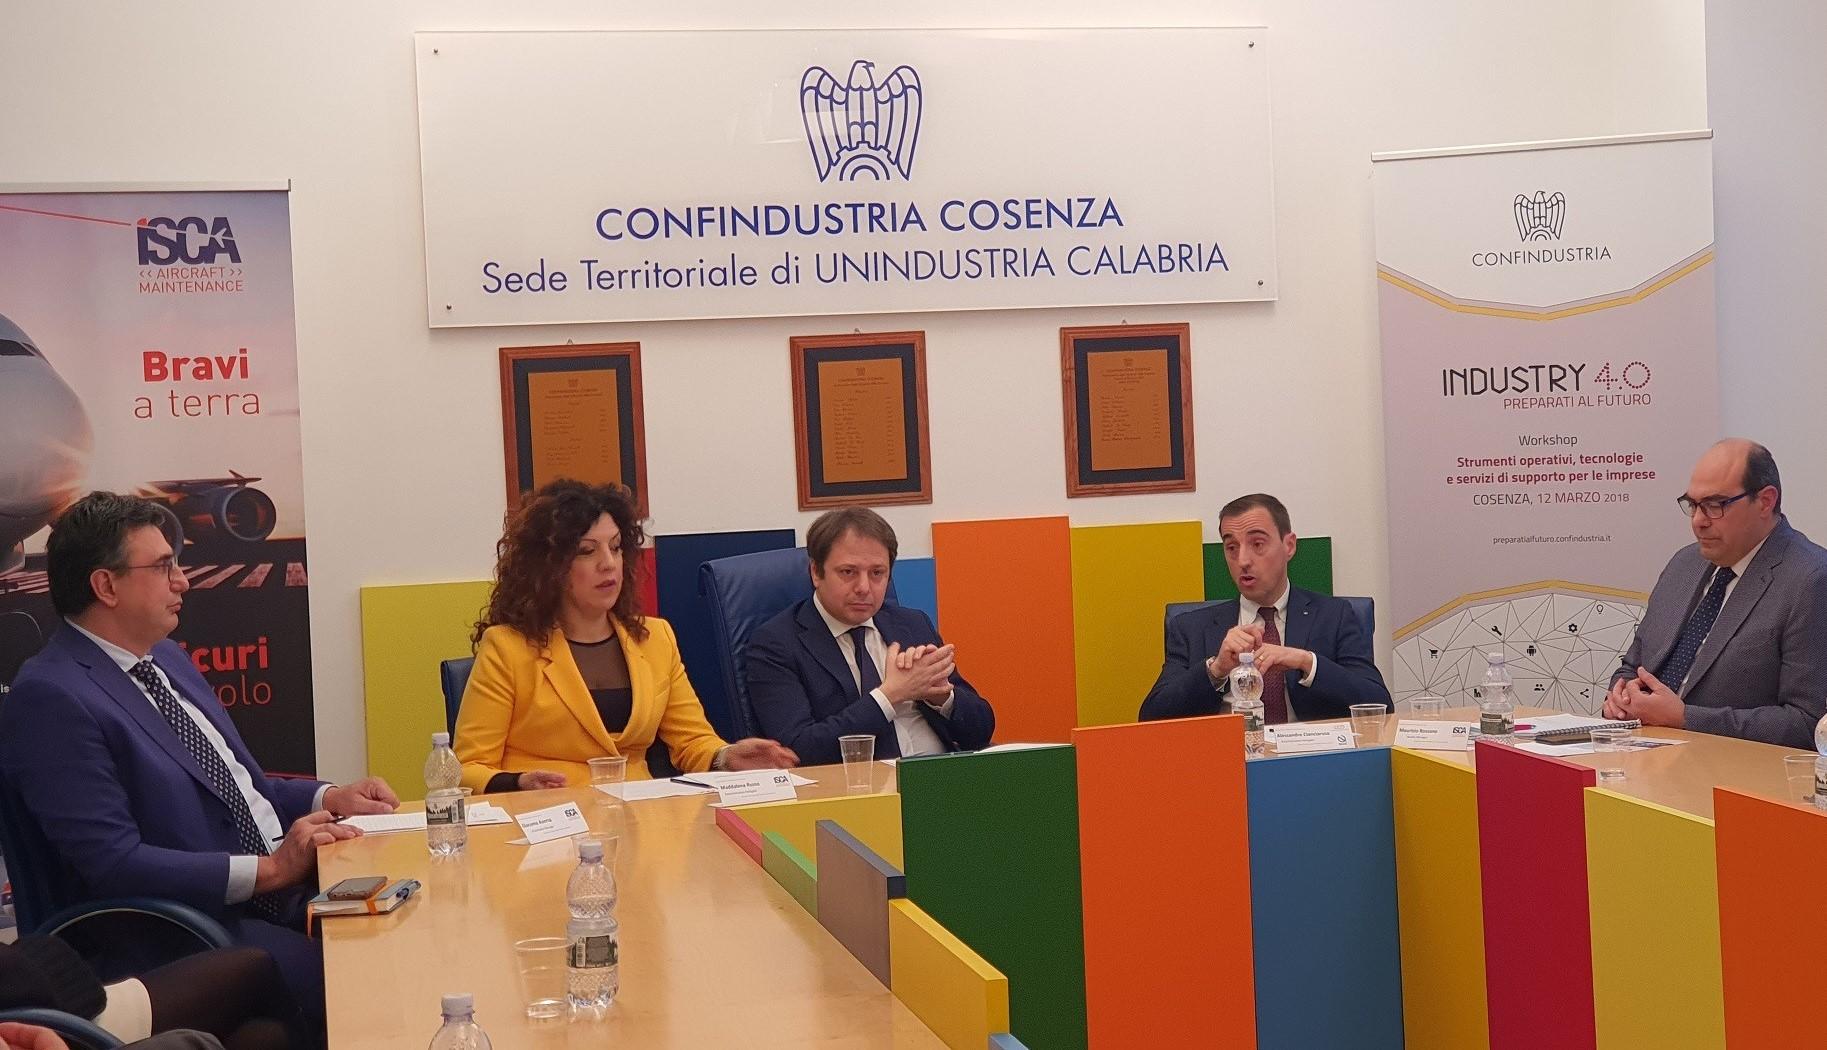 In Confindustria Cosenza presentato corso per manutentore aeronautico